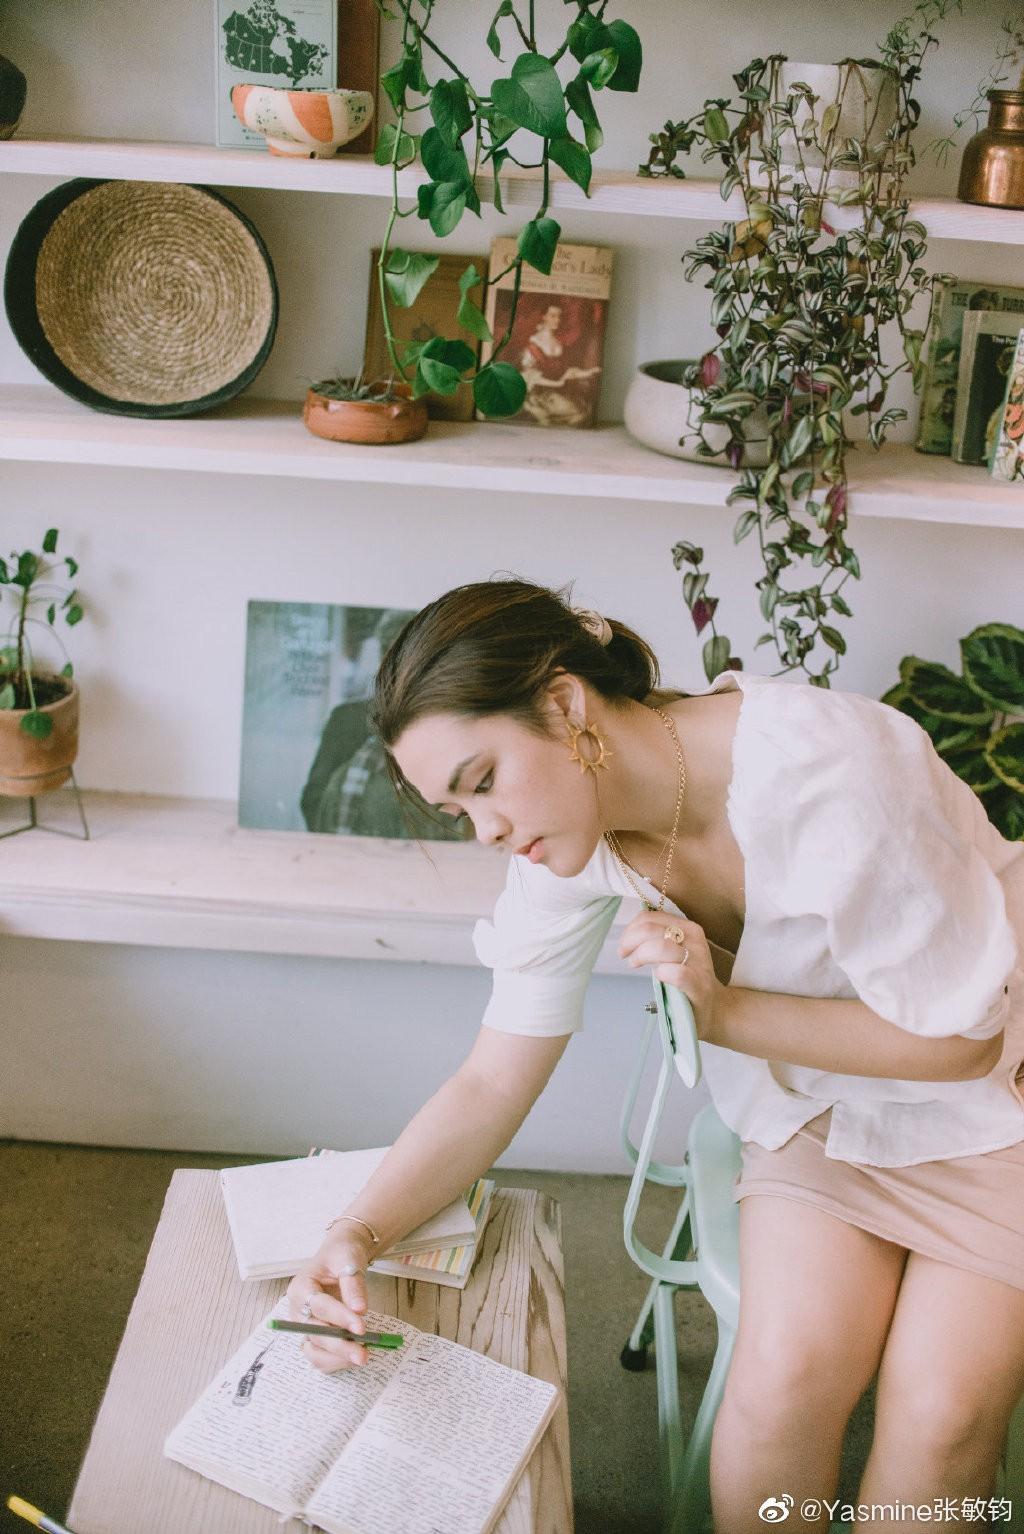 VZN News: Nhan sắc cô con gái sinh năm 1998 của Bom sex gốc Việt gây bão: Thừa hưởng gen mỹ nhân, đẹp không lẫn bất cứ ai - Ảnh 6.